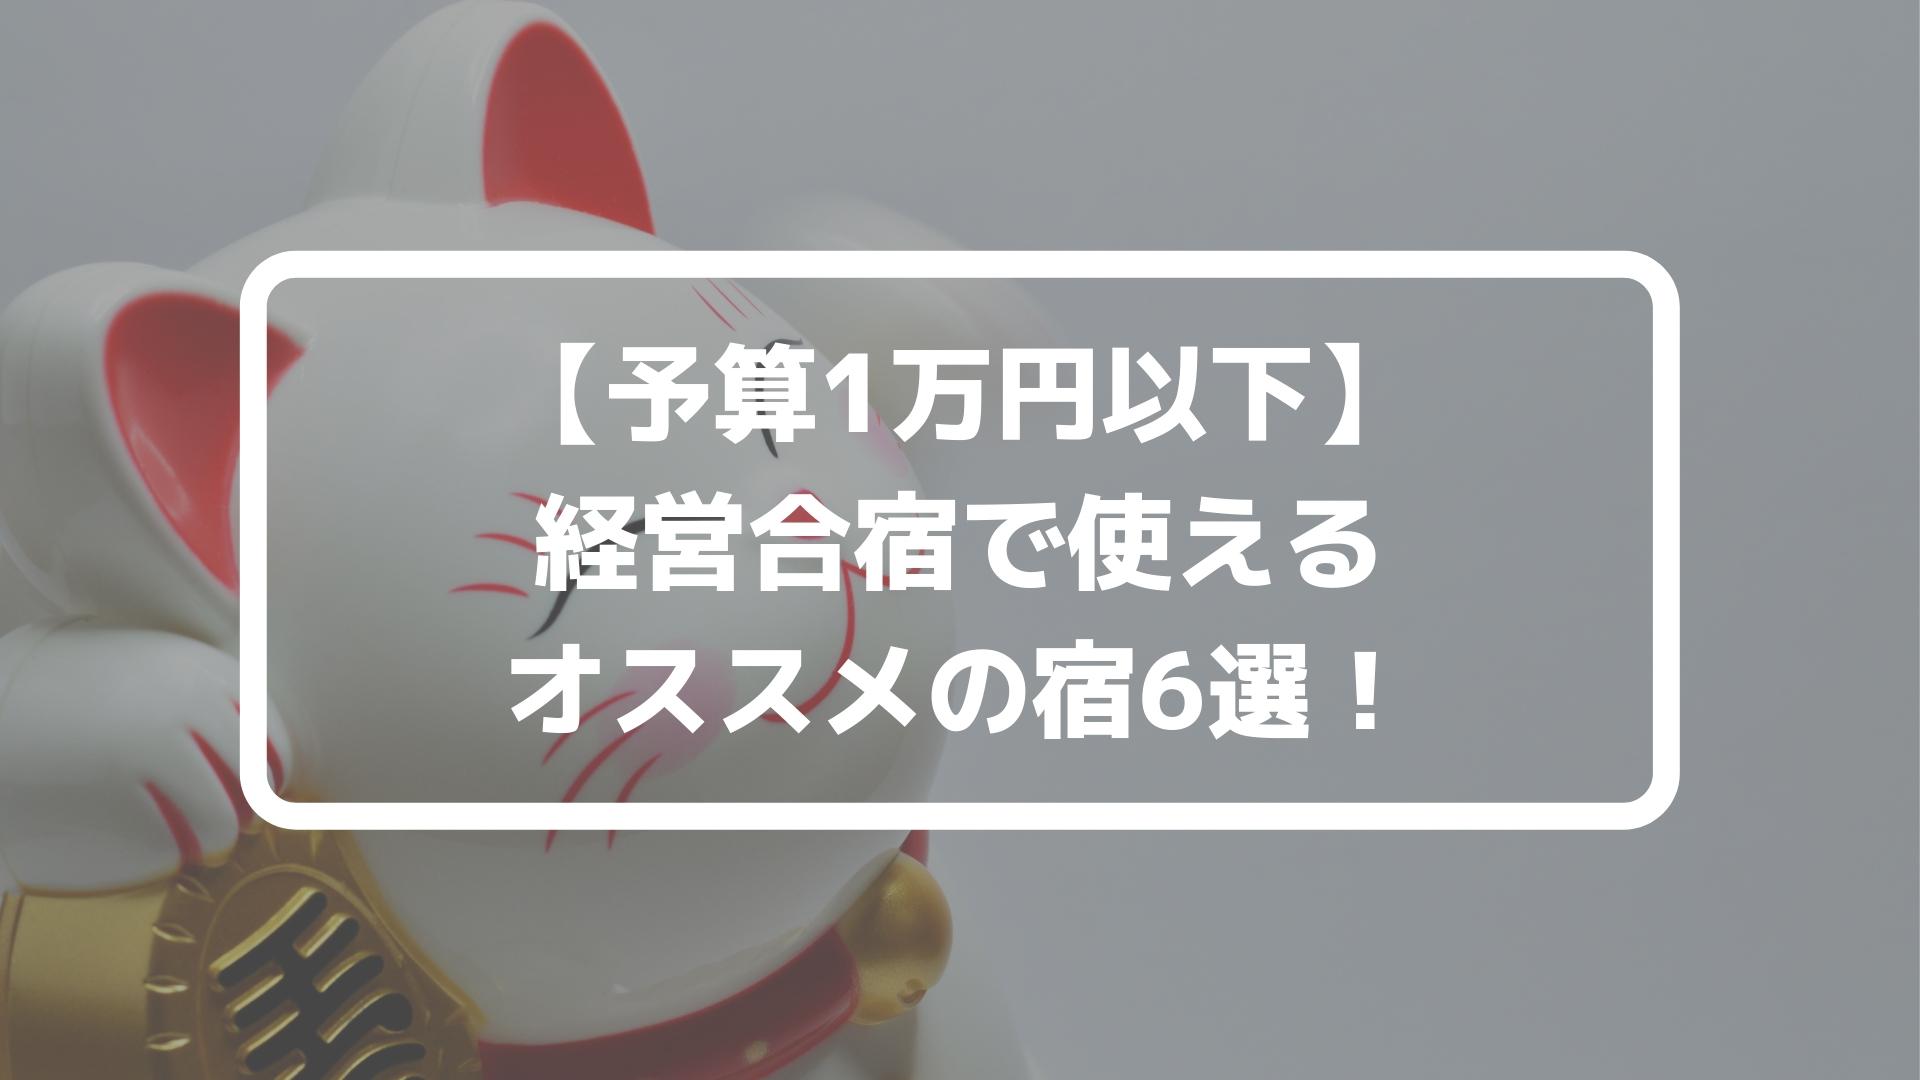 温泉開発合宿のコピー (7)